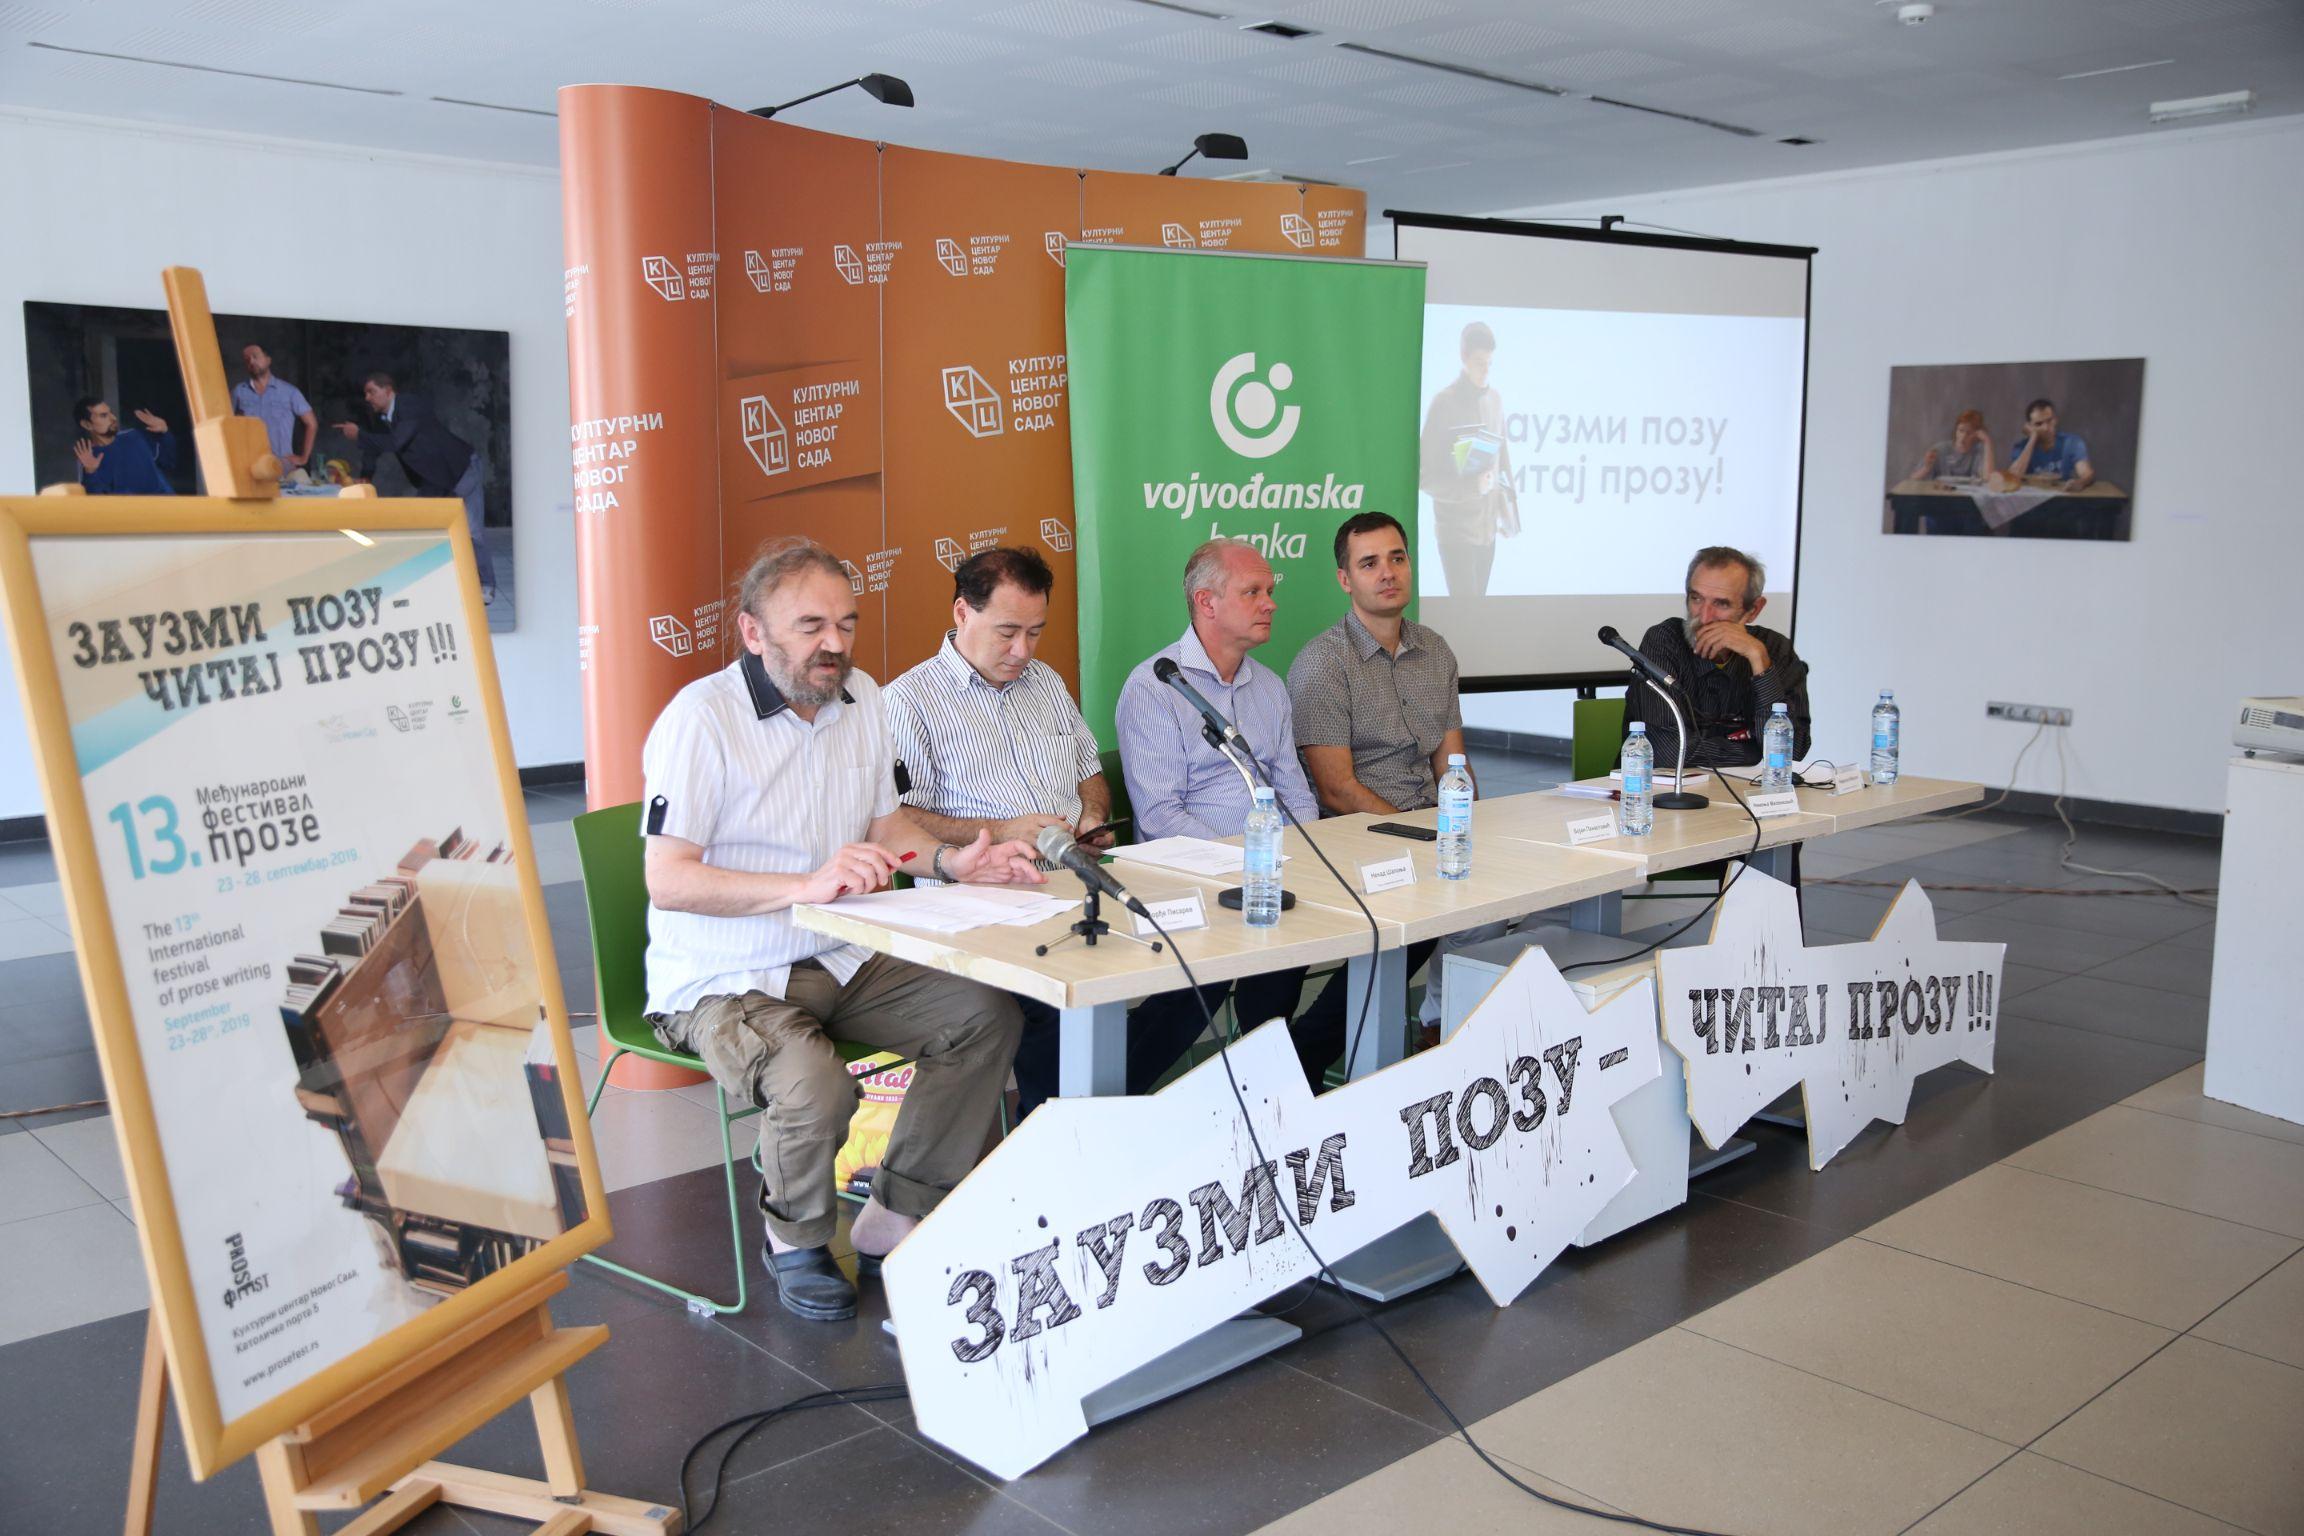 Održana konferencija za novinare u susret 13. Prozefest-u